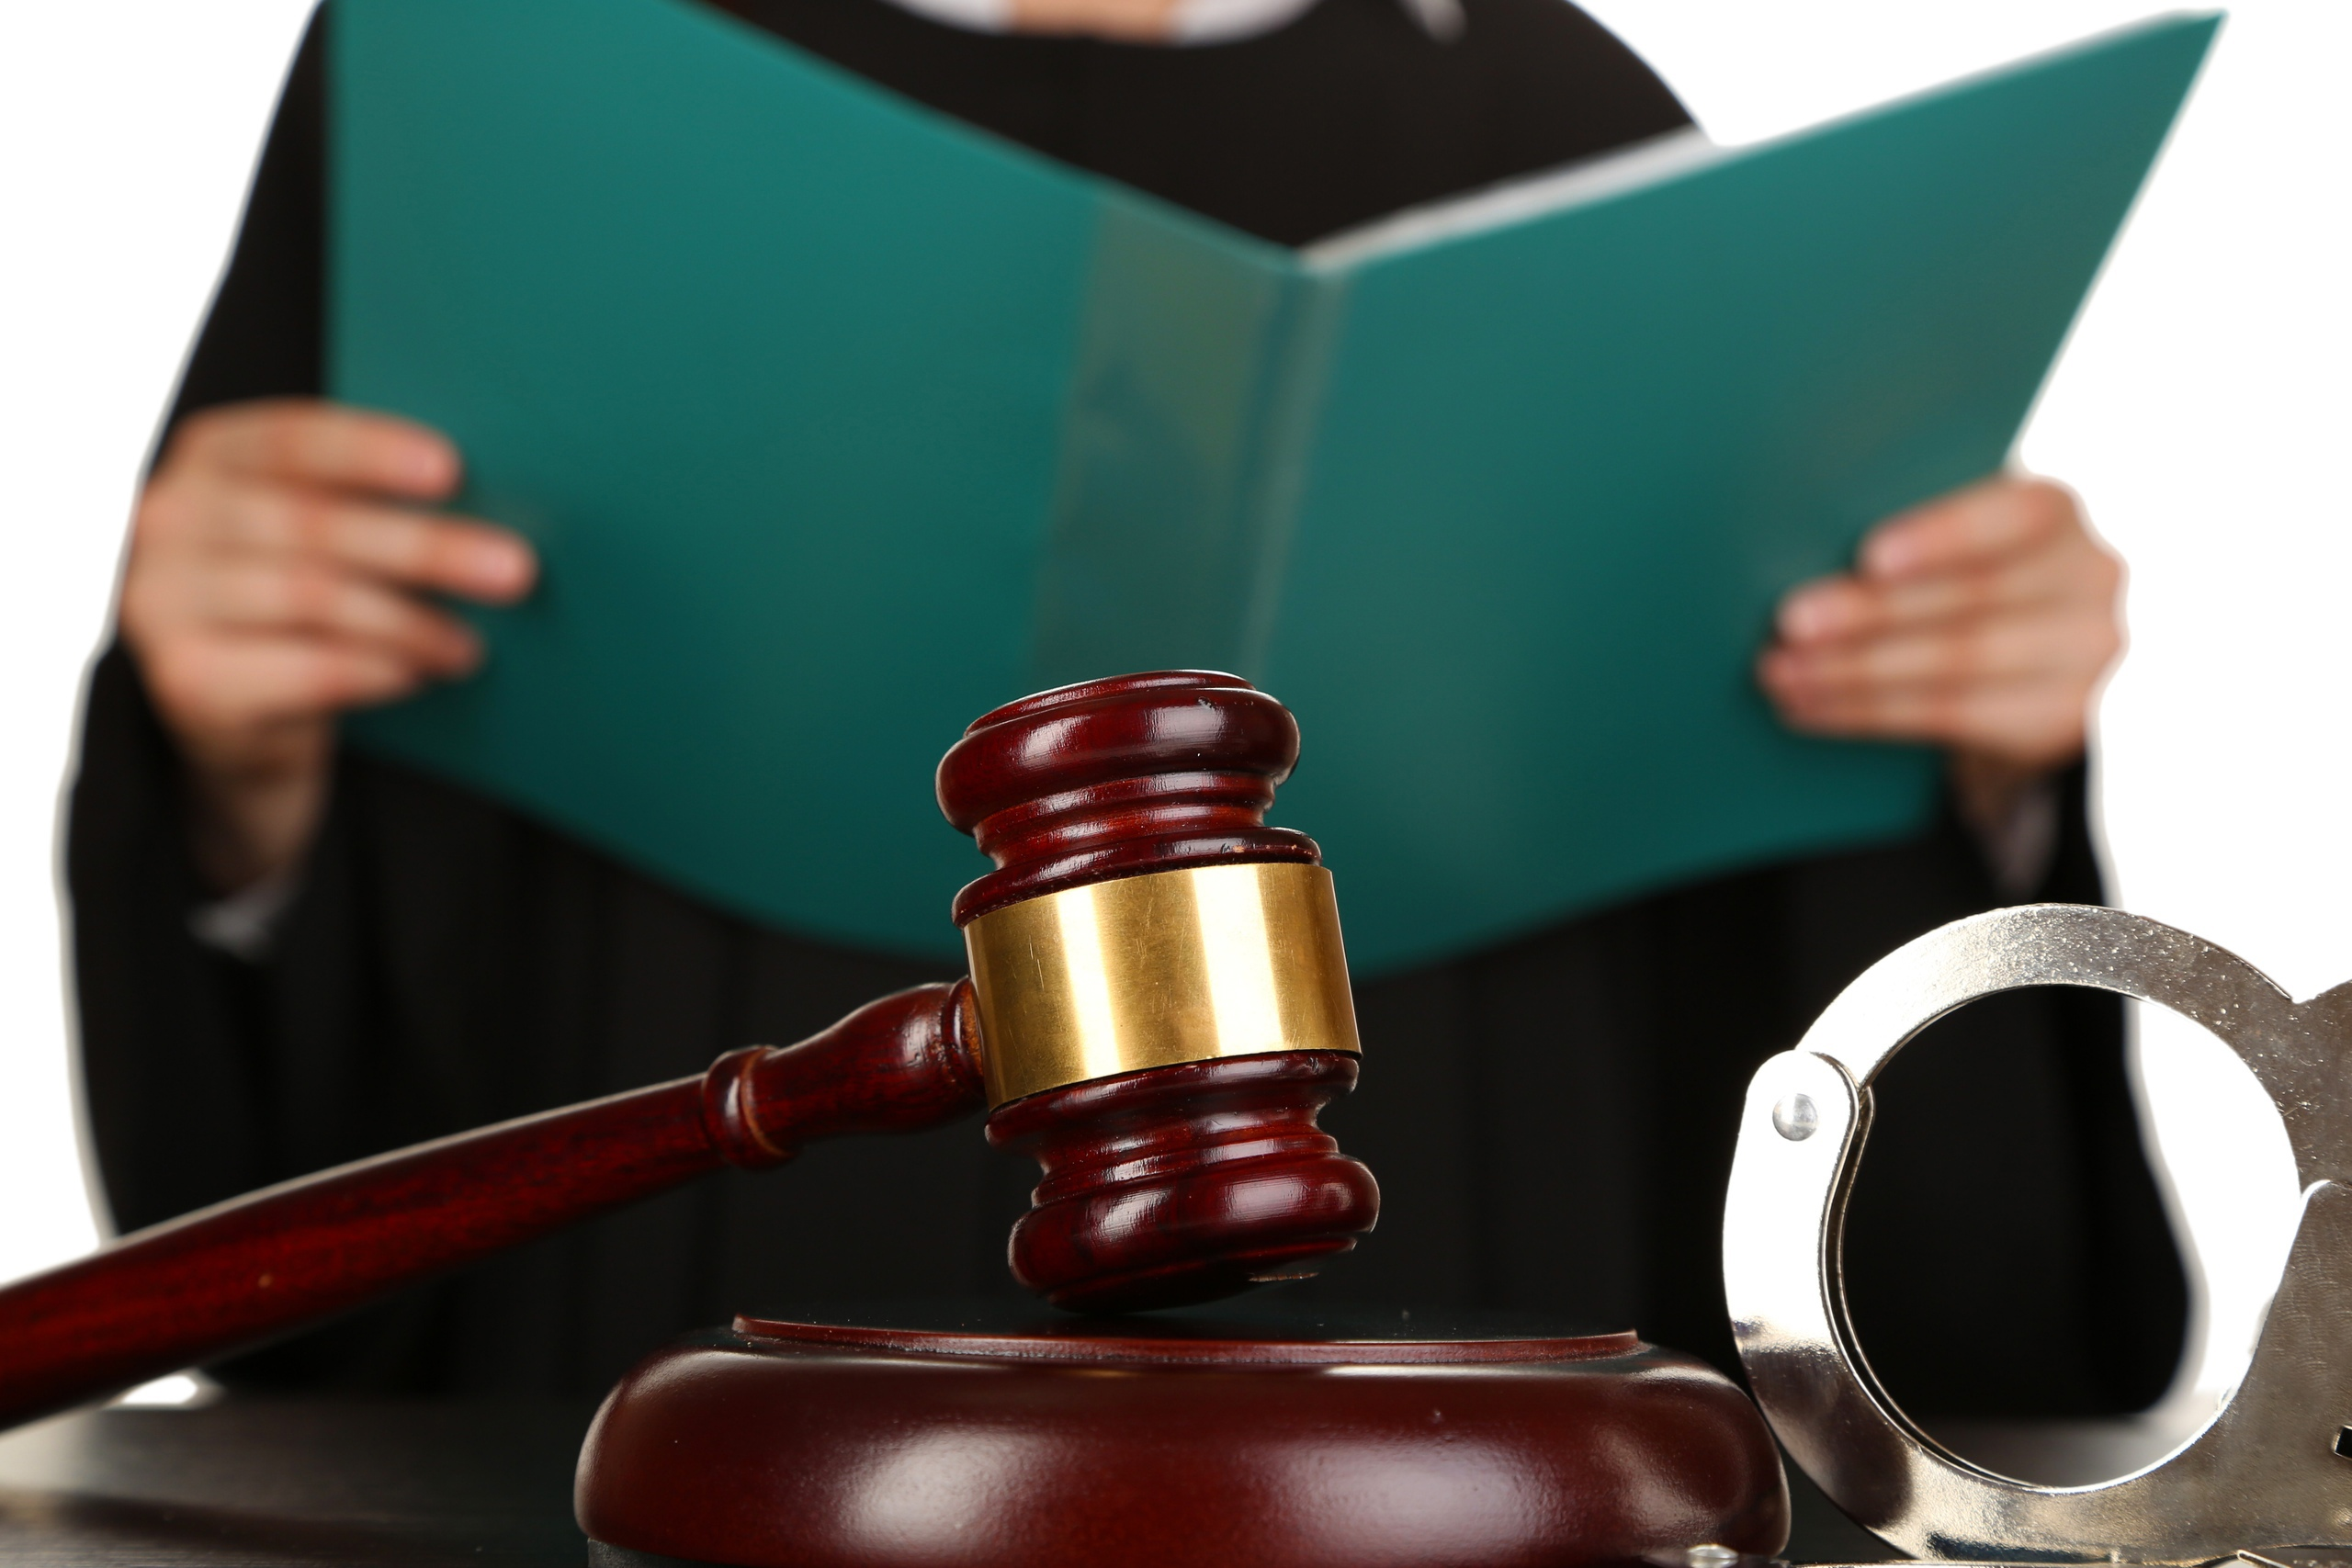 Облсуд Тюмени отказал бывшему проректору ТИУ Александру Ошибкову в досрочном освобождении